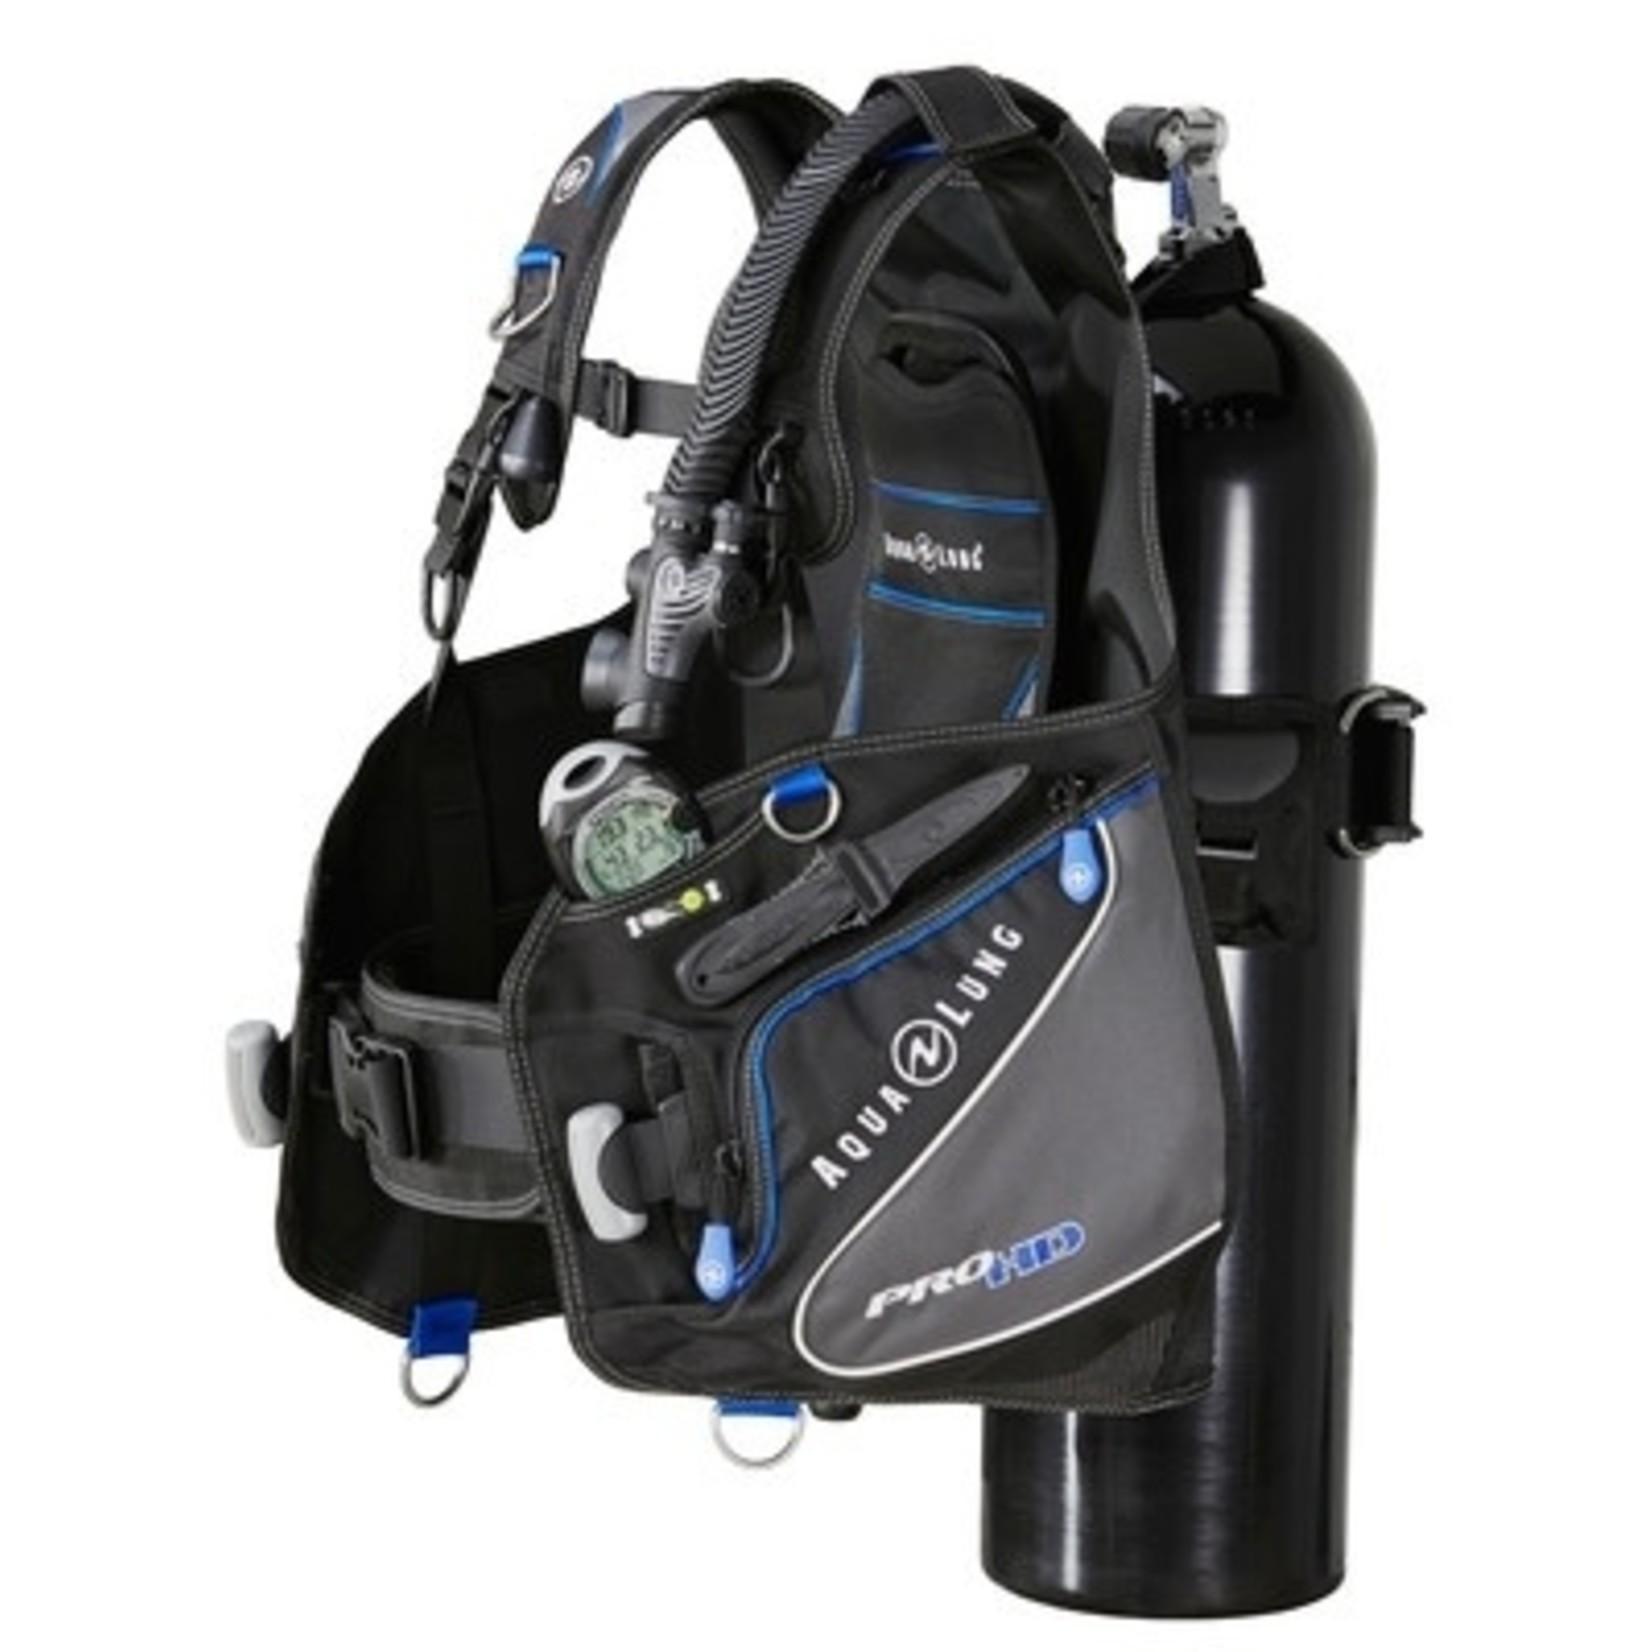 Aqua Lung Pro HD Black/Charcoal/Blue